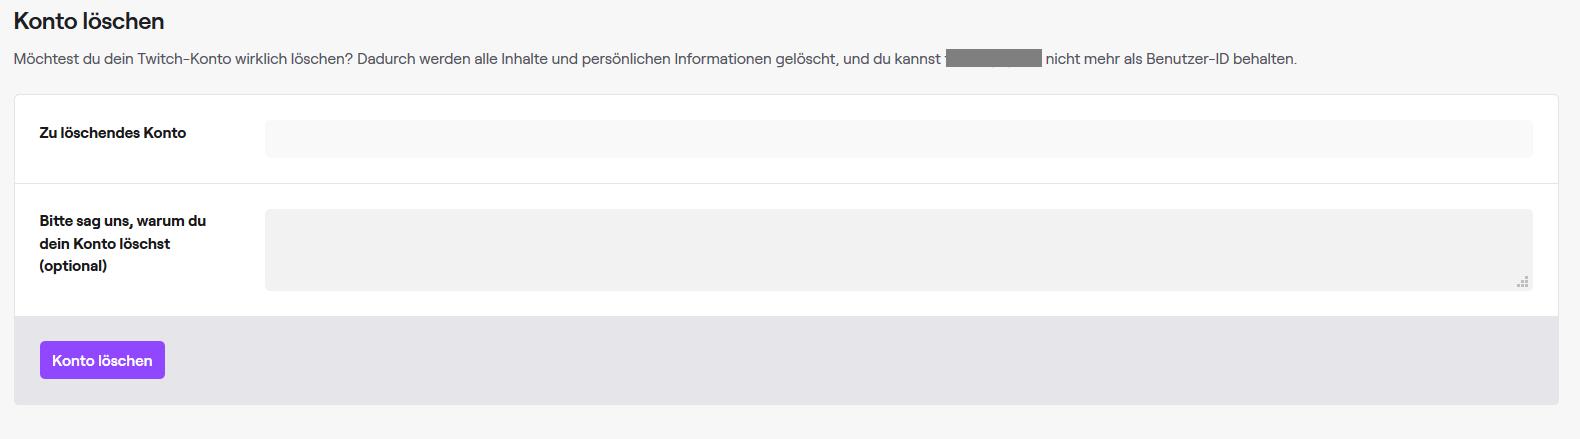 Twitch Löschen